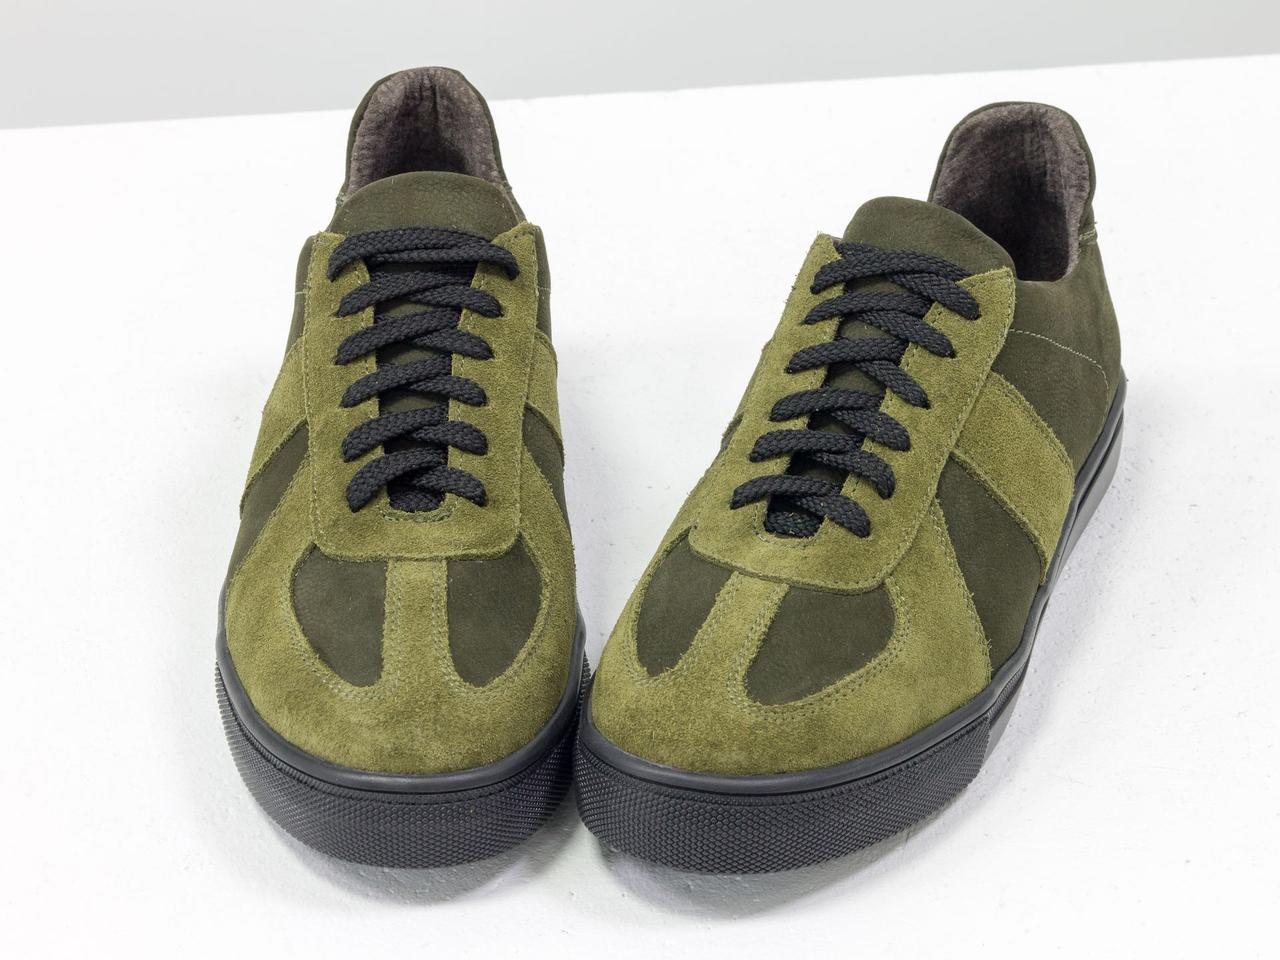 Стильные кроссовки из натуральной замши и матовой кожи оливкового и болотного цвета - фото 4